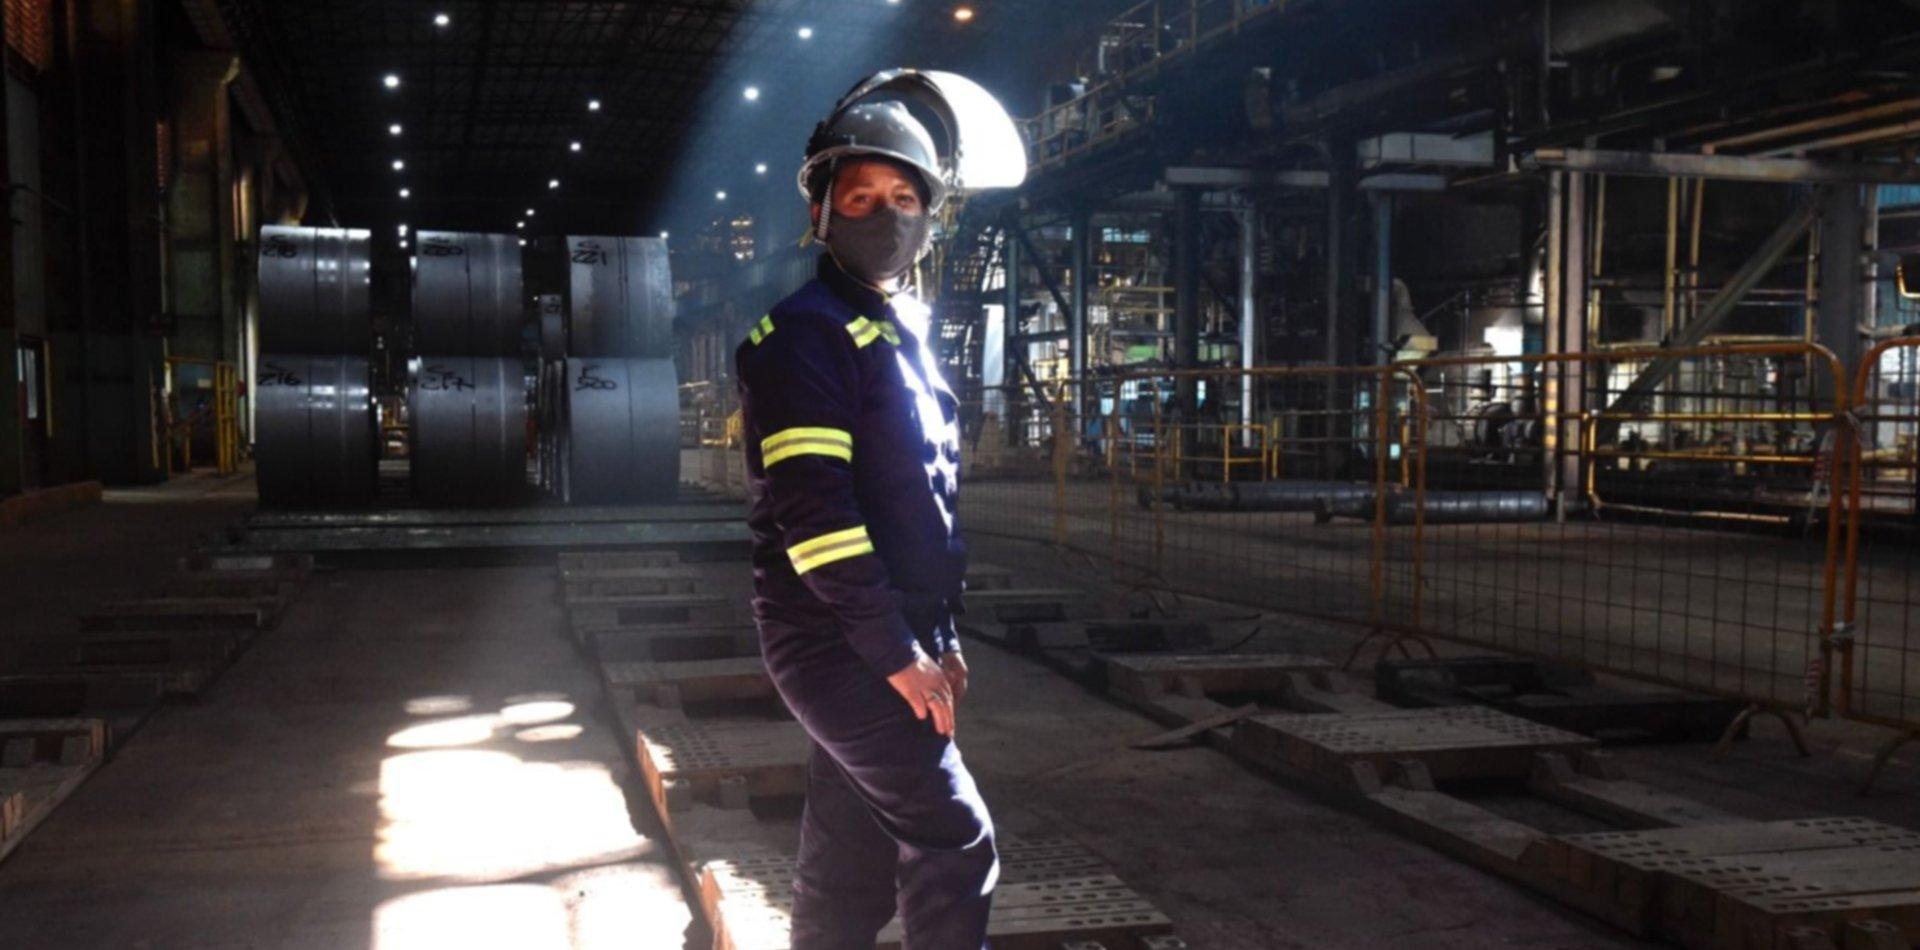 Por primera vez en la historia, una mujer fue contratada como operaria en Ternium Ensenada